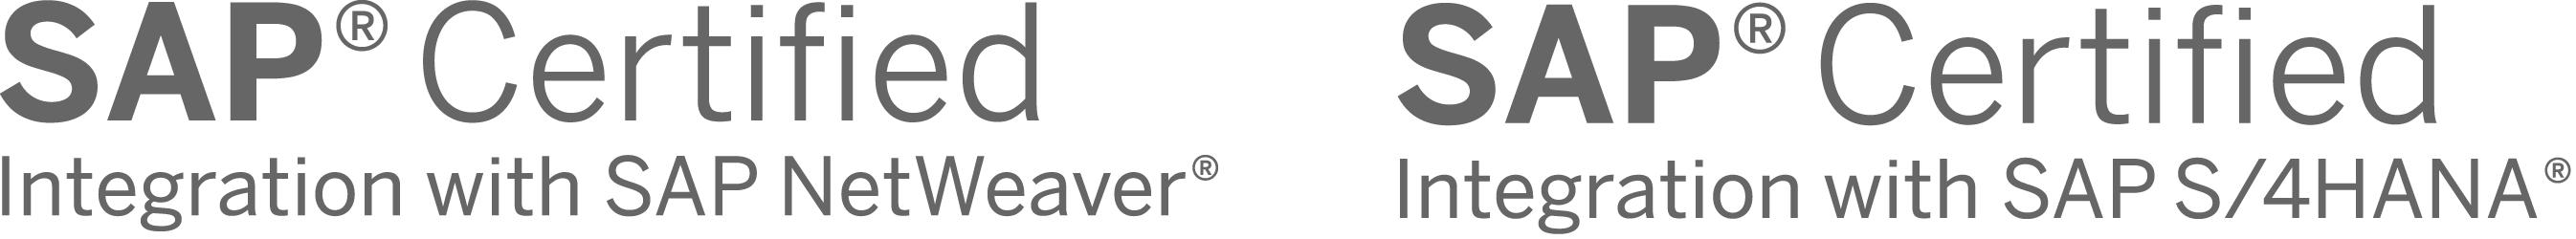 SAP-certified-logo.png